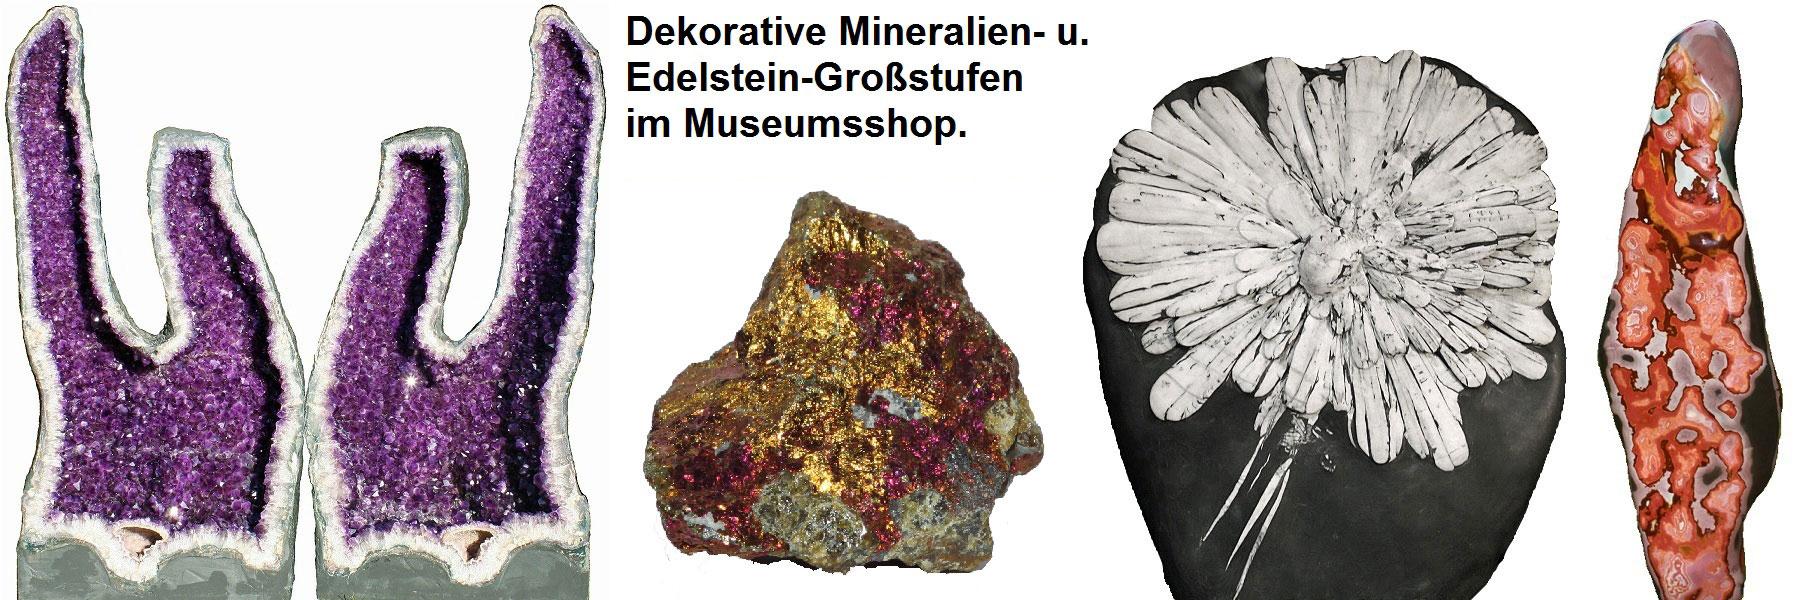 Mineralien Edelsteine - Natur-Schatzkammer Neuheide